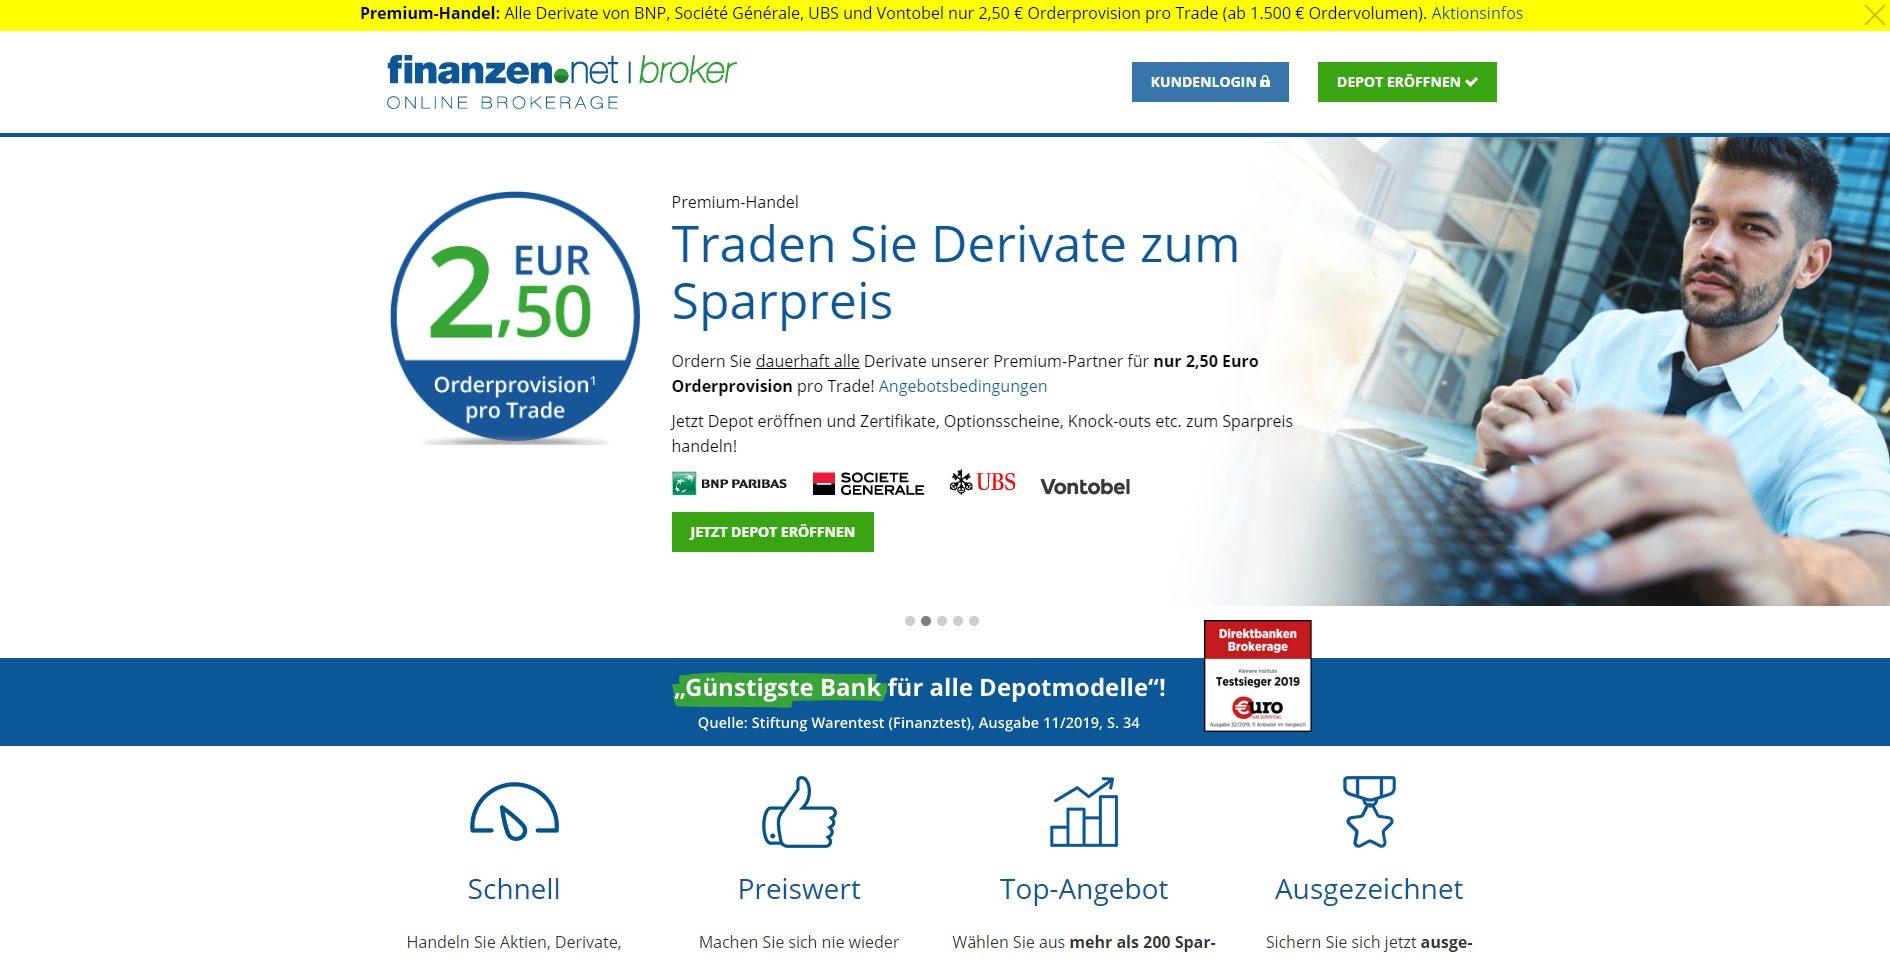 Finanzen.net Broker Webseite